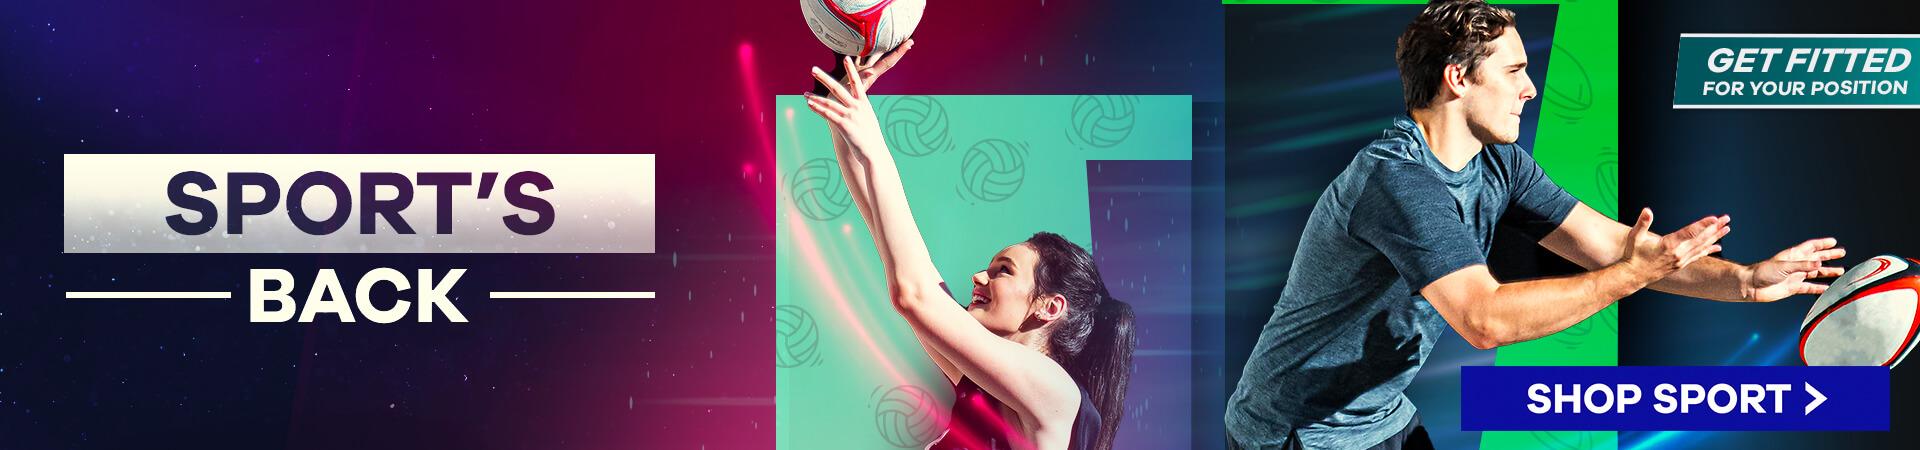 Football & Netball Shoes